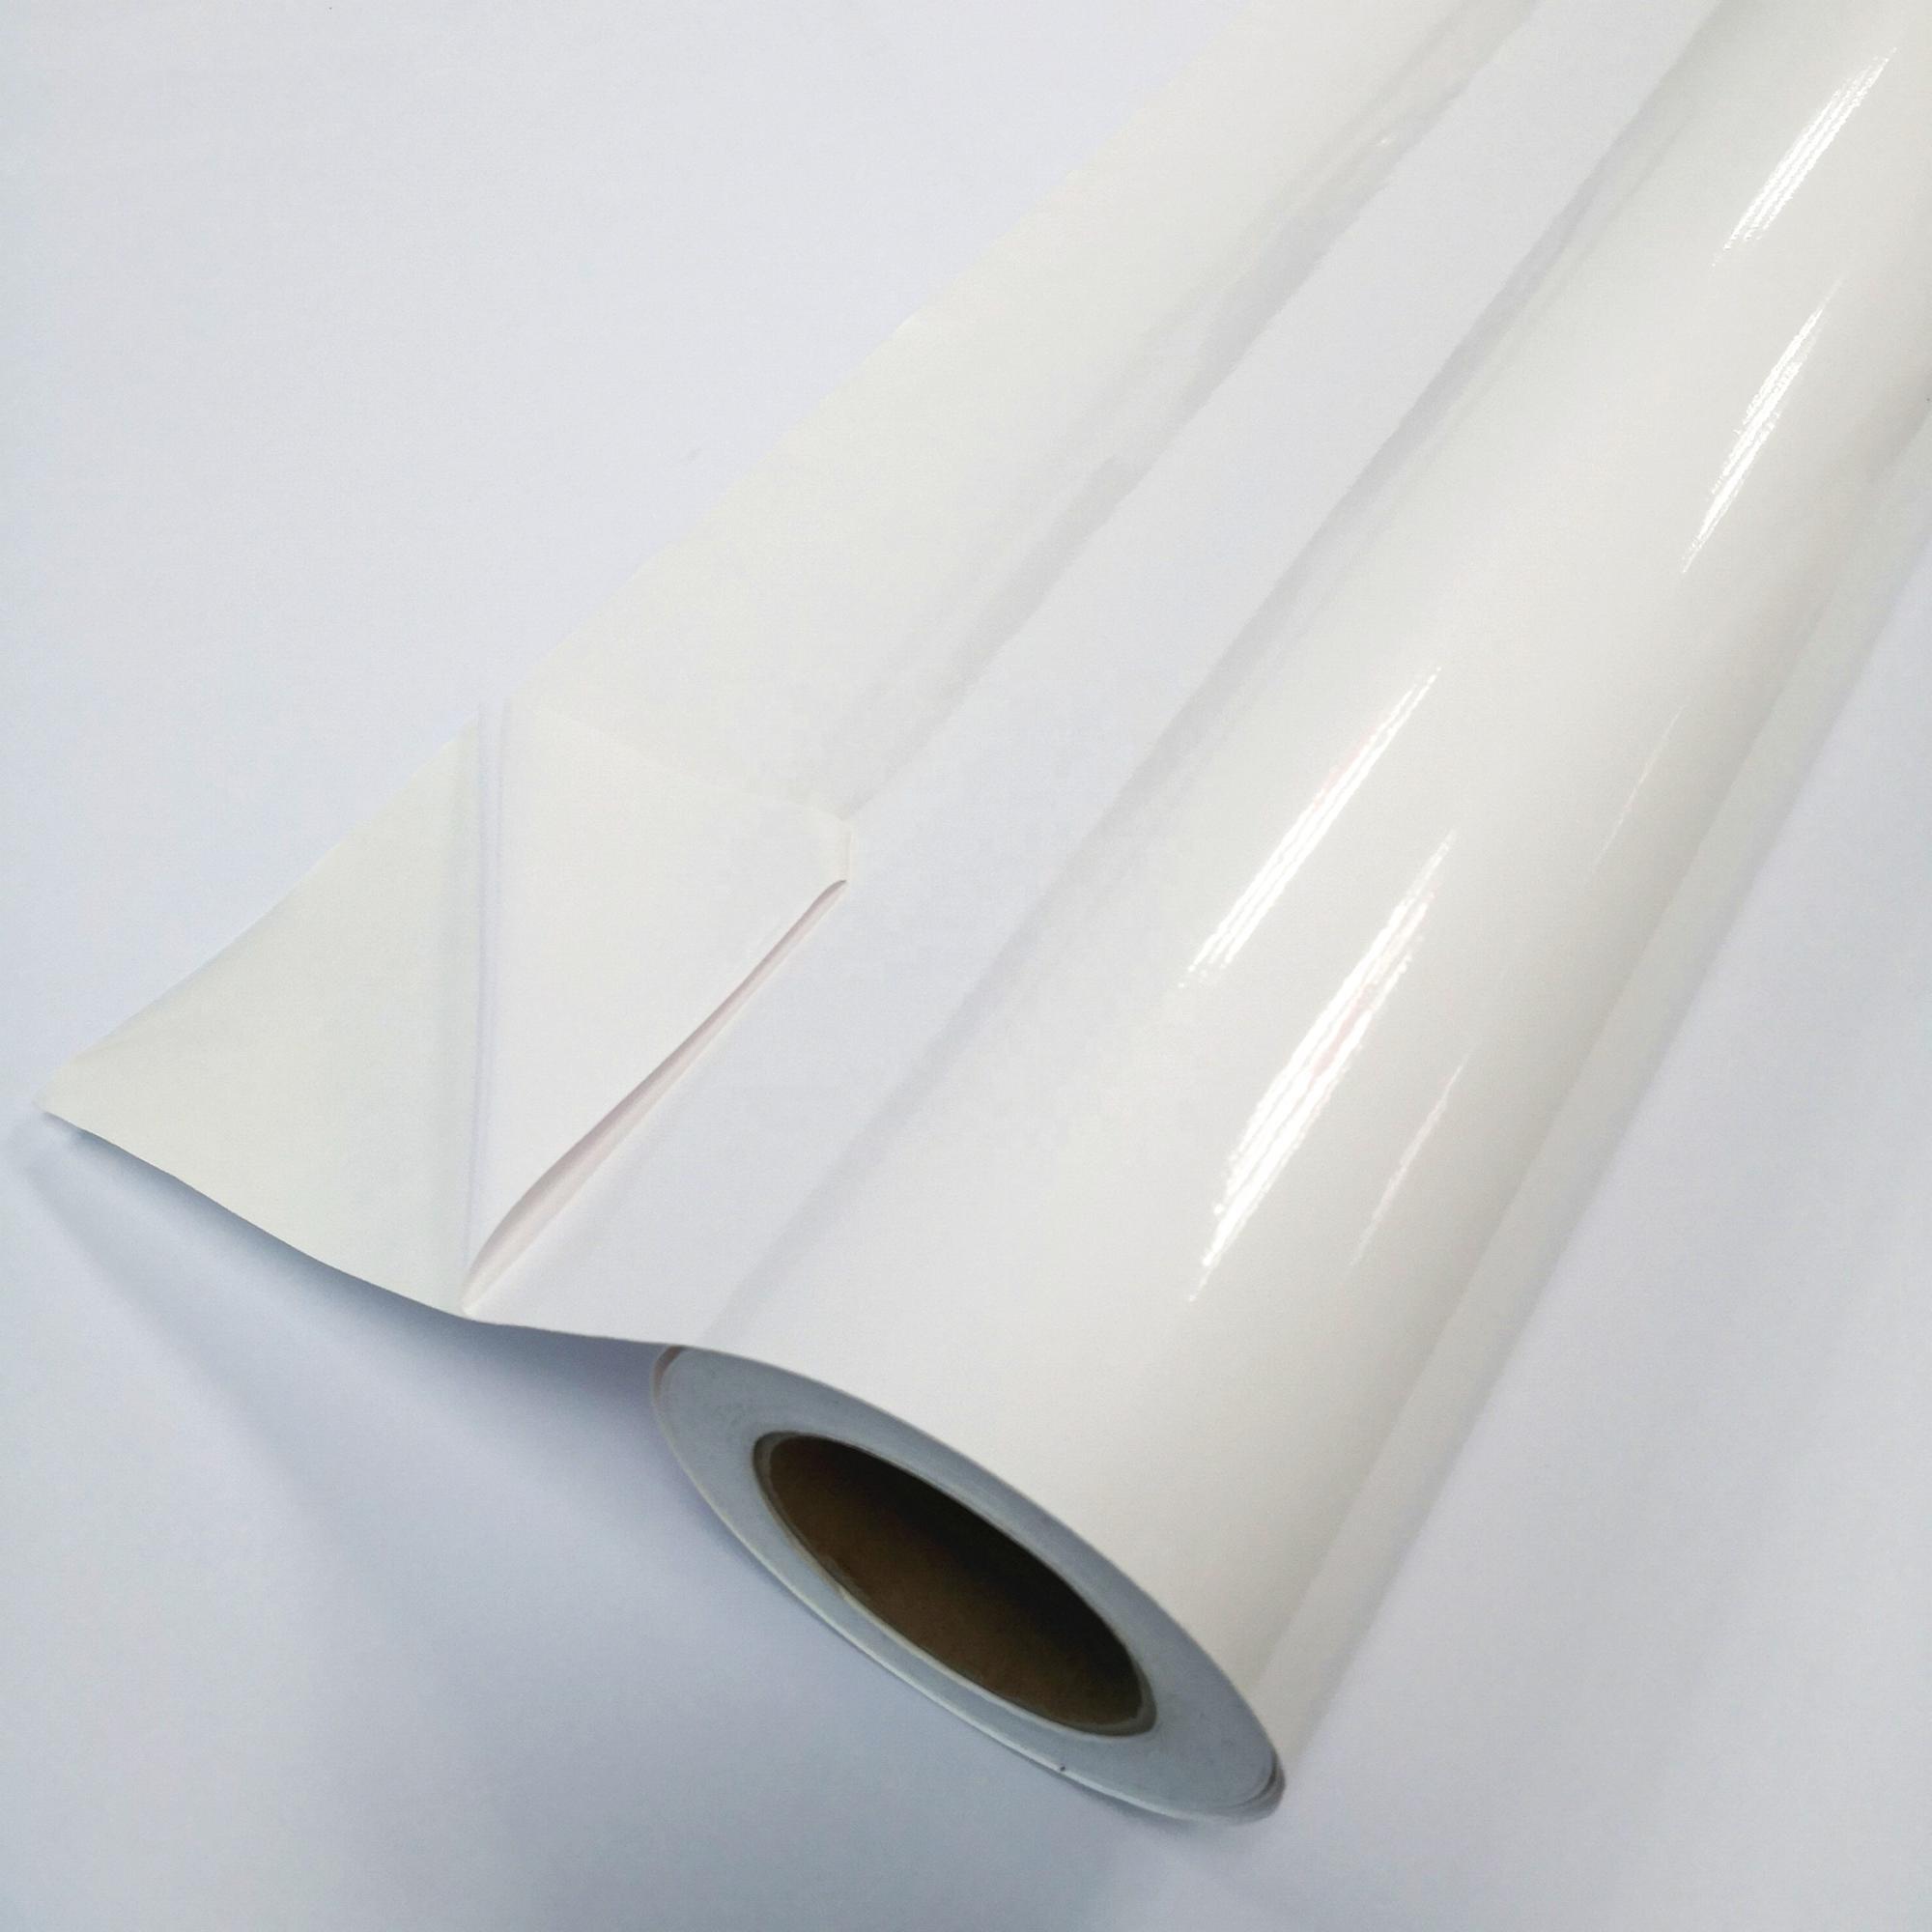 Vinyle Adhésif Pour Sol grossiste vinyl adhésif pour sol exterieur-acheter les